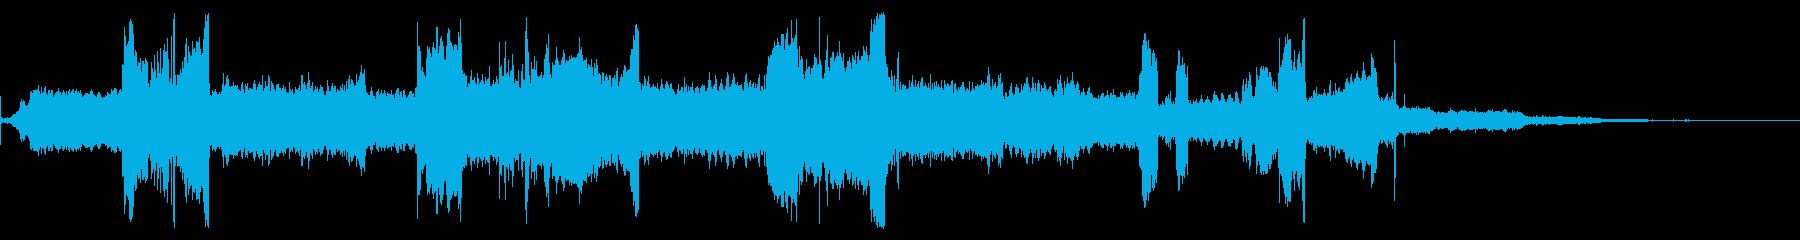 大型電気ジューサー:起動、さまざま...の再生済みの波形